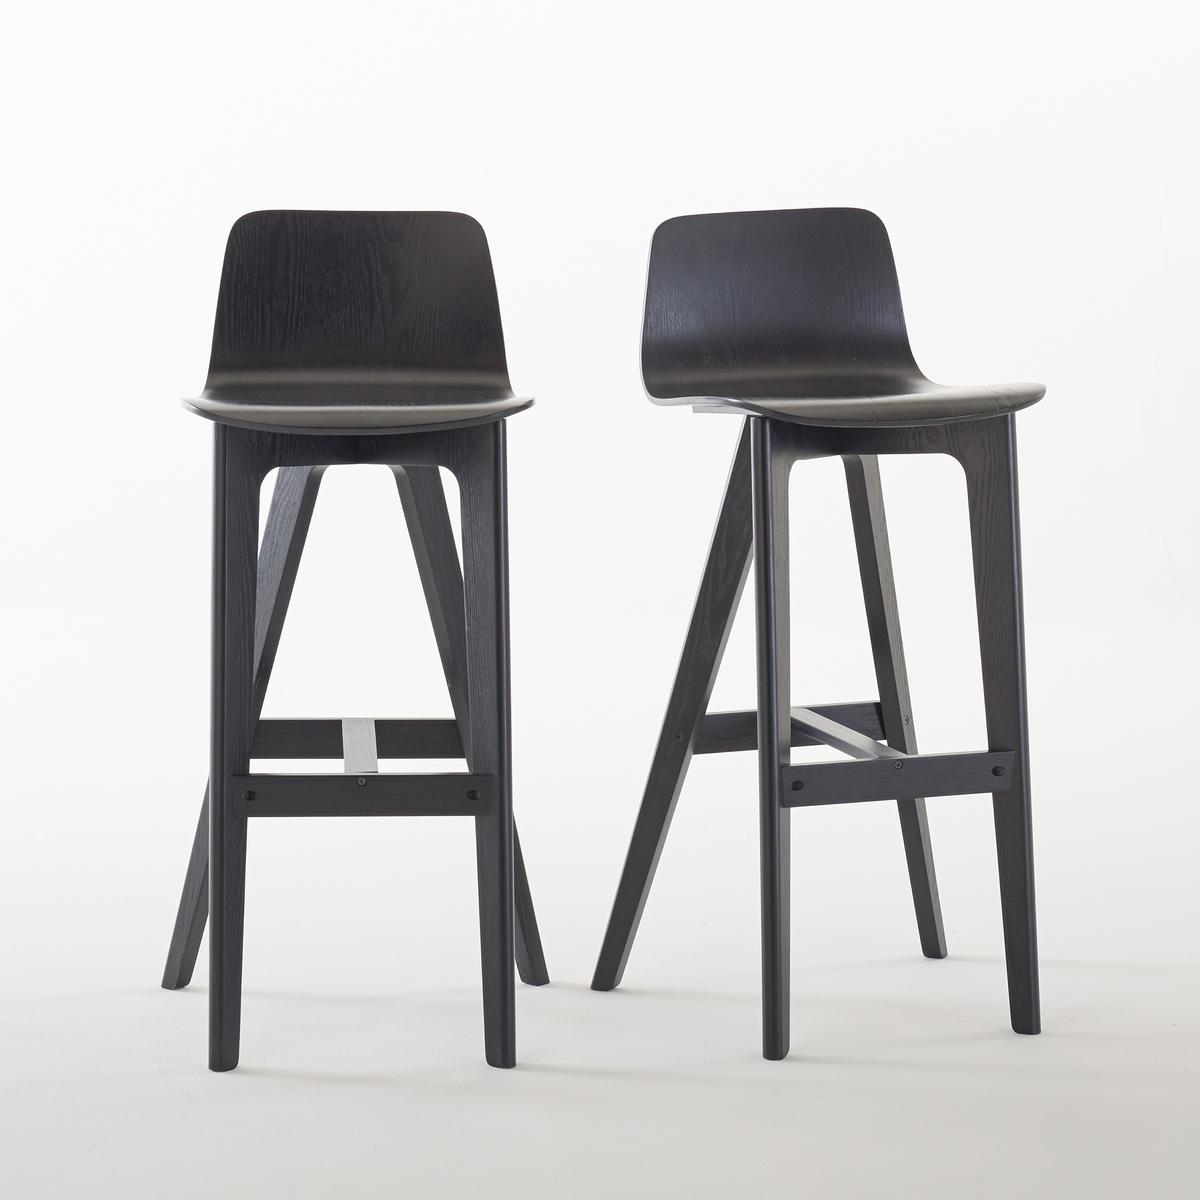 2 стула высоких дизайнерских, BIFACE